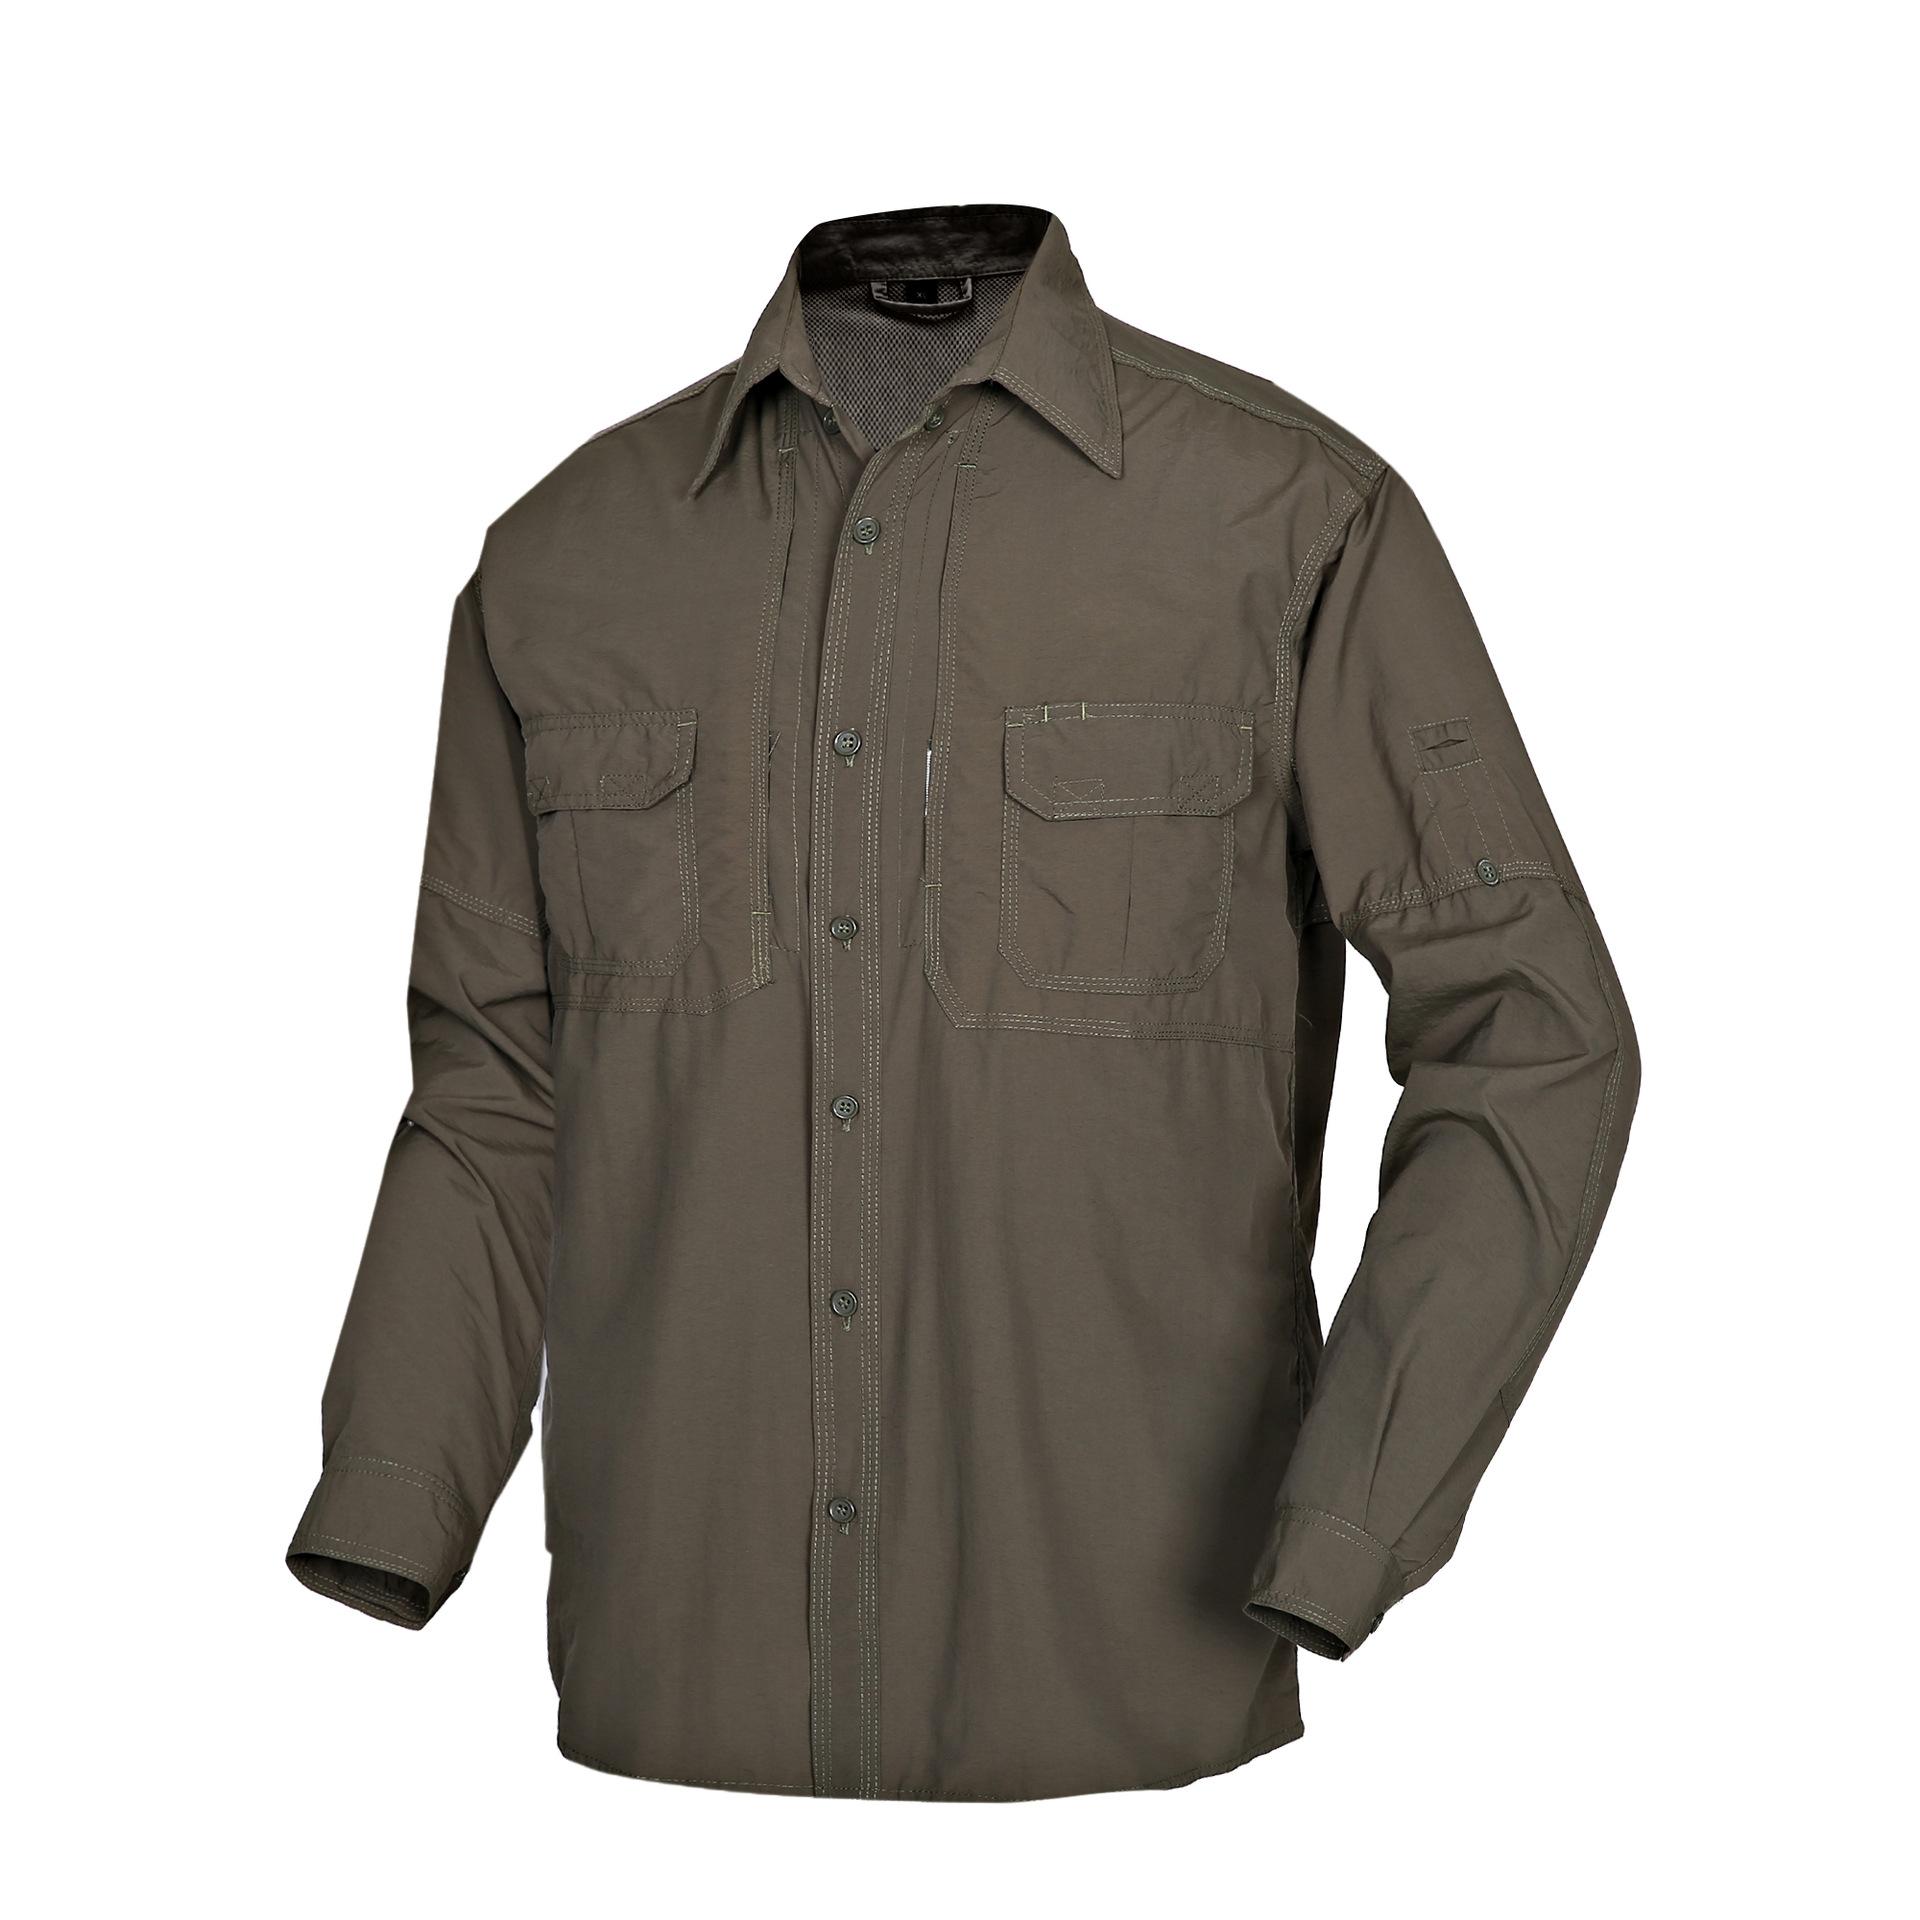 5.56 Đồ chống nắng mau khô Túi kẹp tóc 5,56 nam dài tay da quần áo nửa tay áo sử dụng áo chống nắng